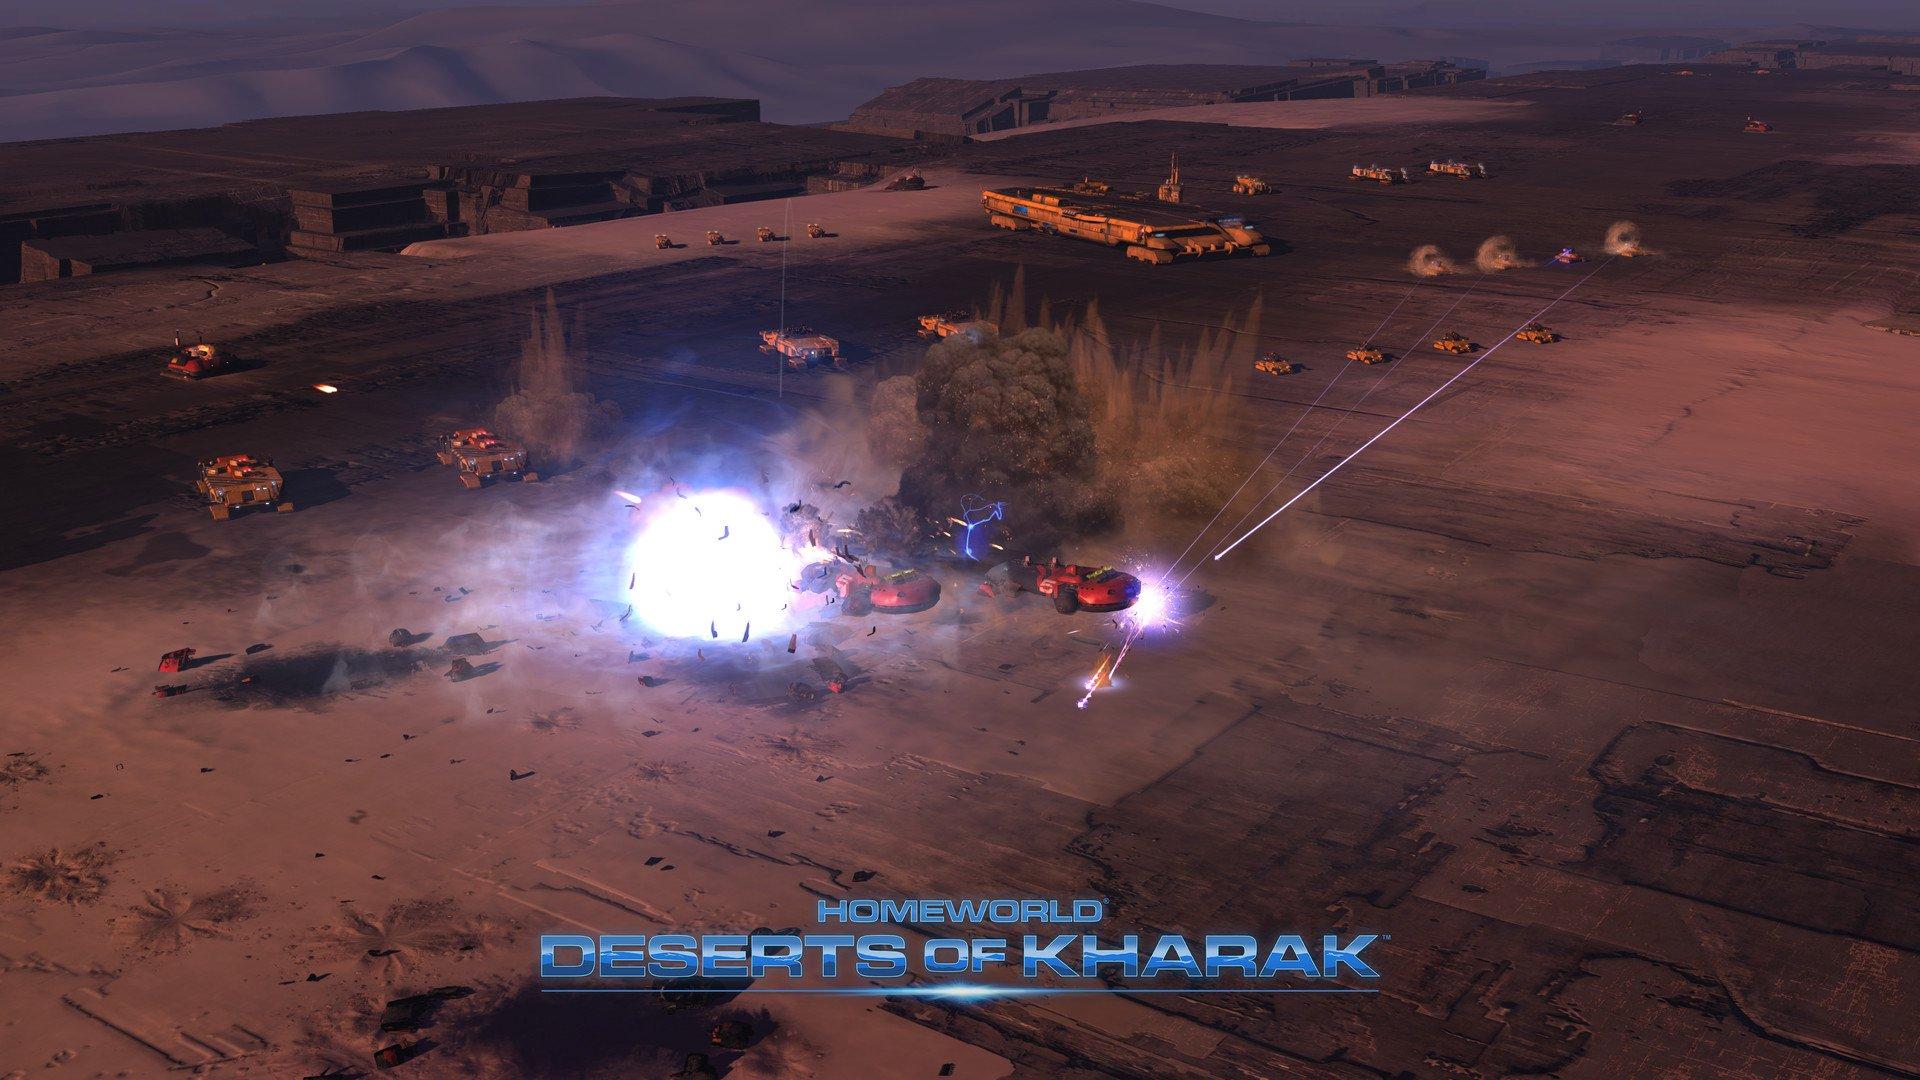 Homeworld Deserts of Kharak 6